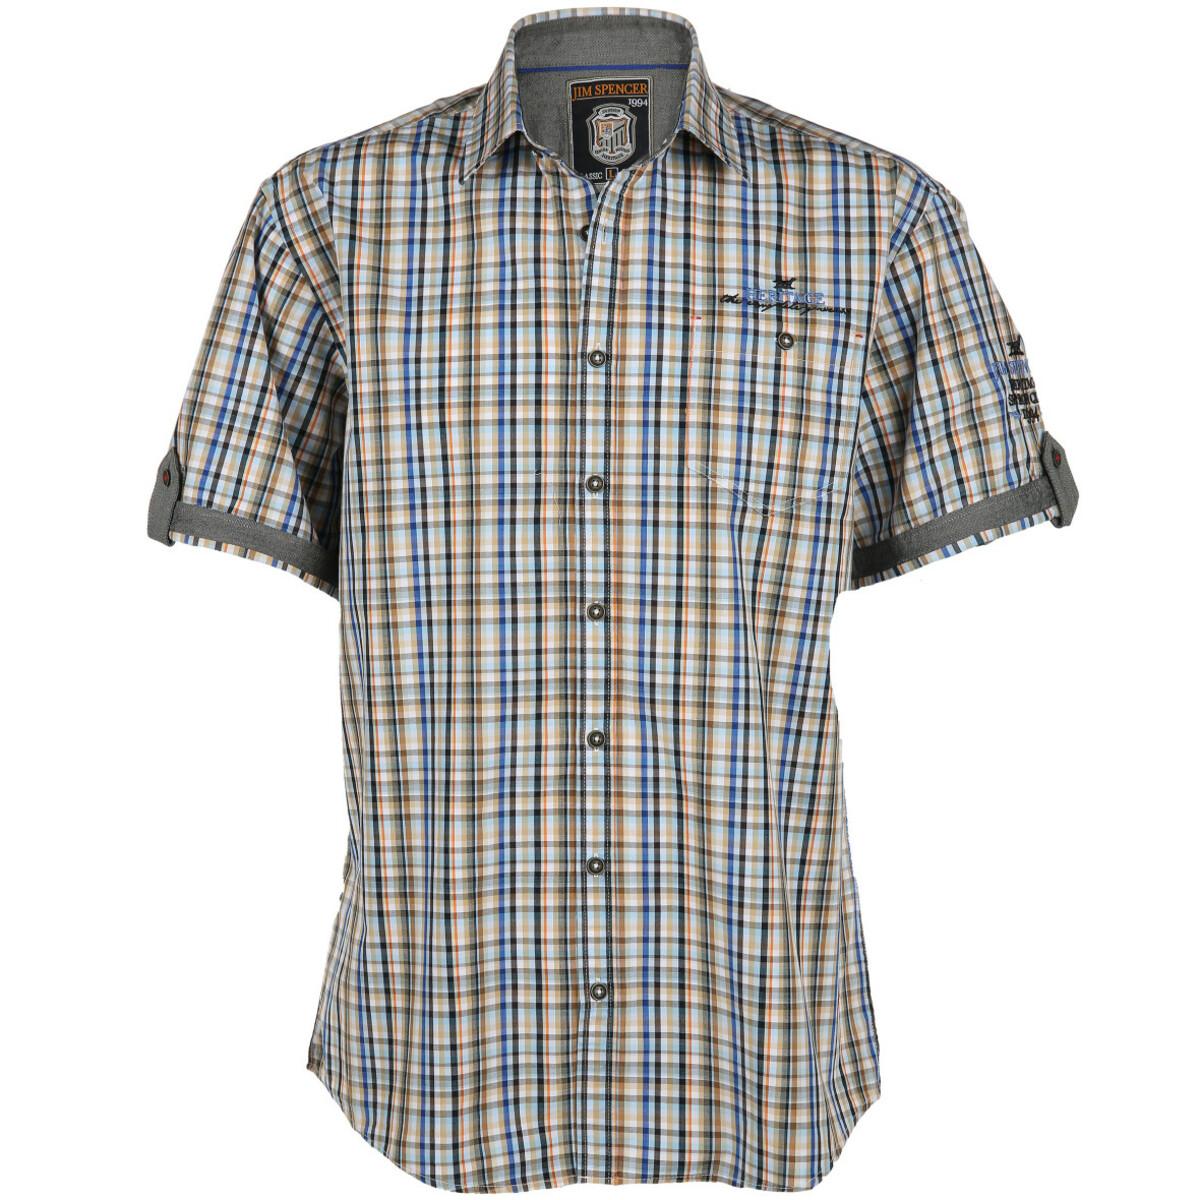 Bild 1 von Herren Freizeithemd mit kurzen Ärmeln